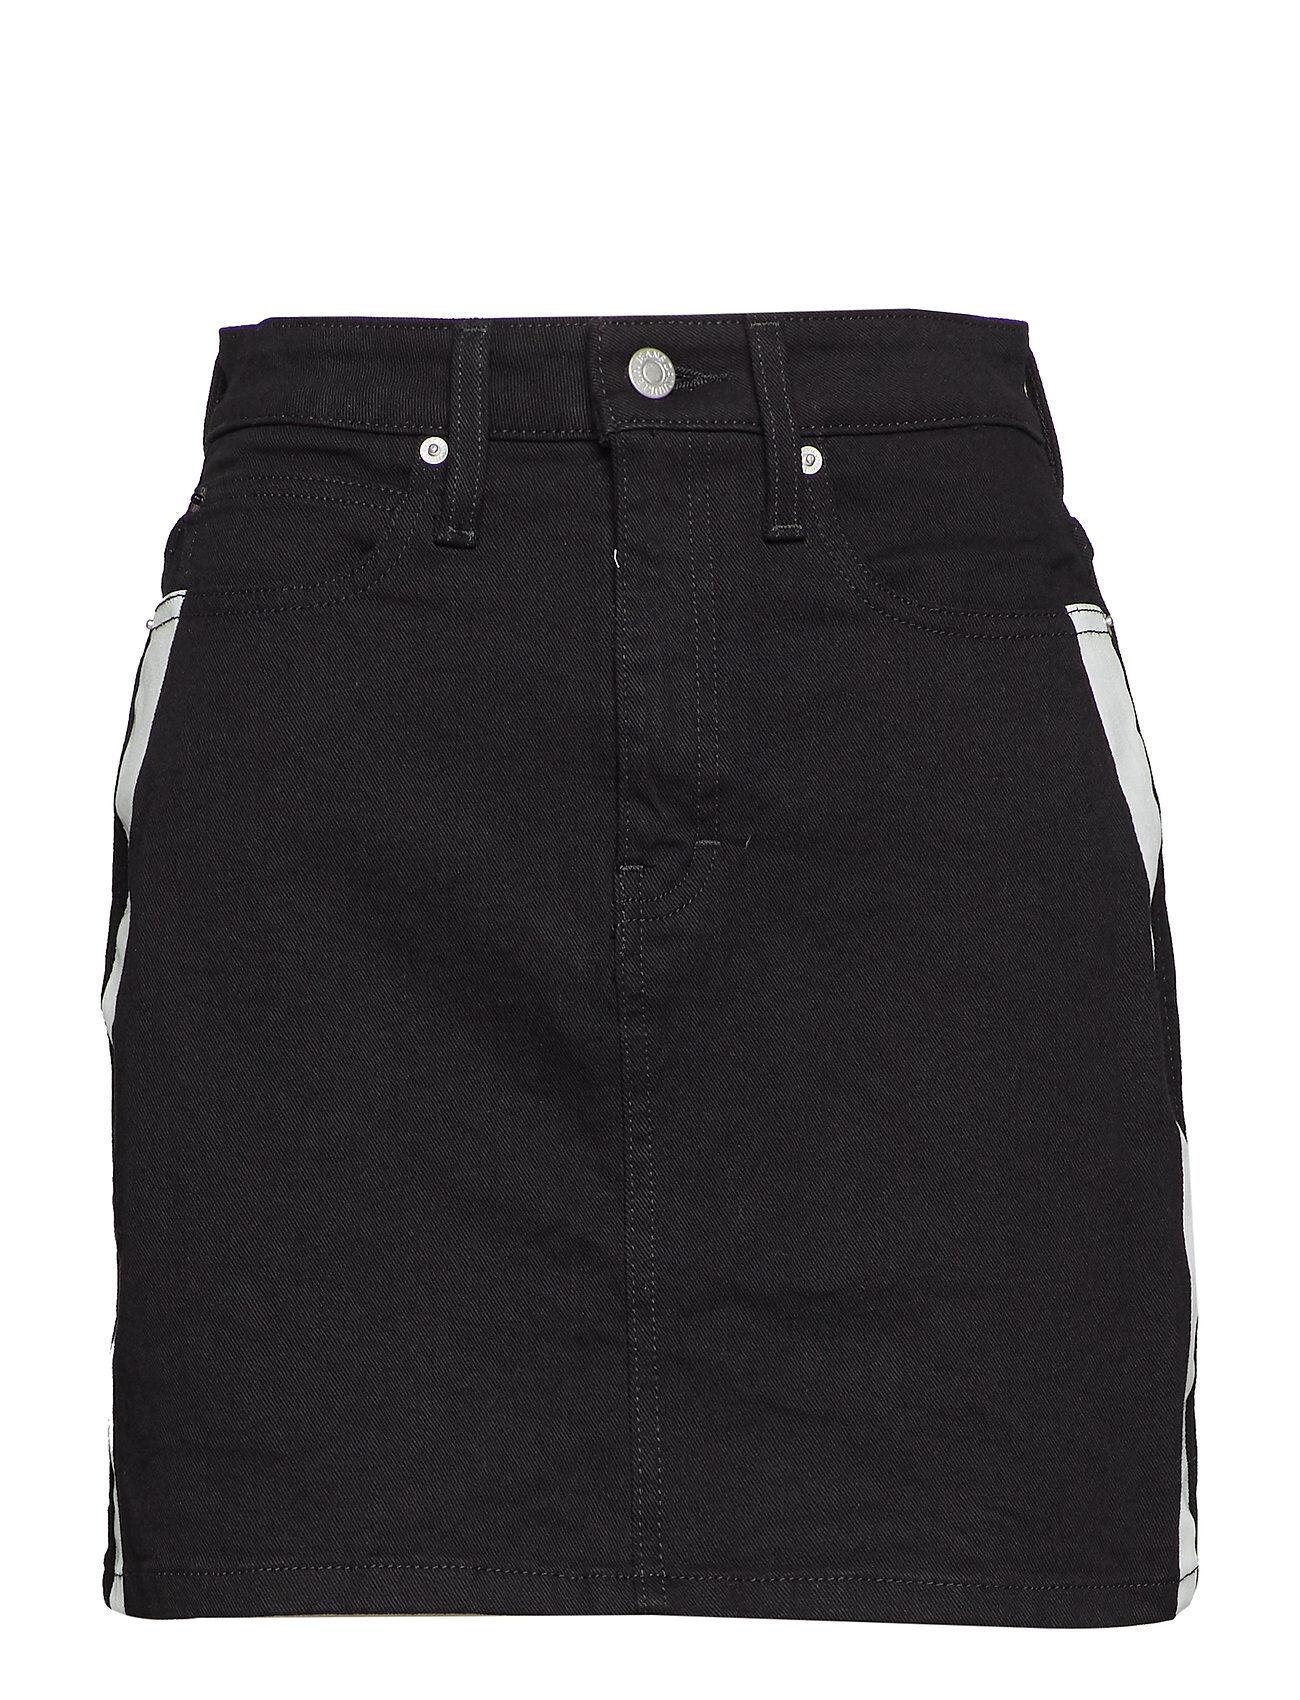 Image of Calvin Hr Mini Skirt Lyhyt Hame Musta Calvin Klein Jeans